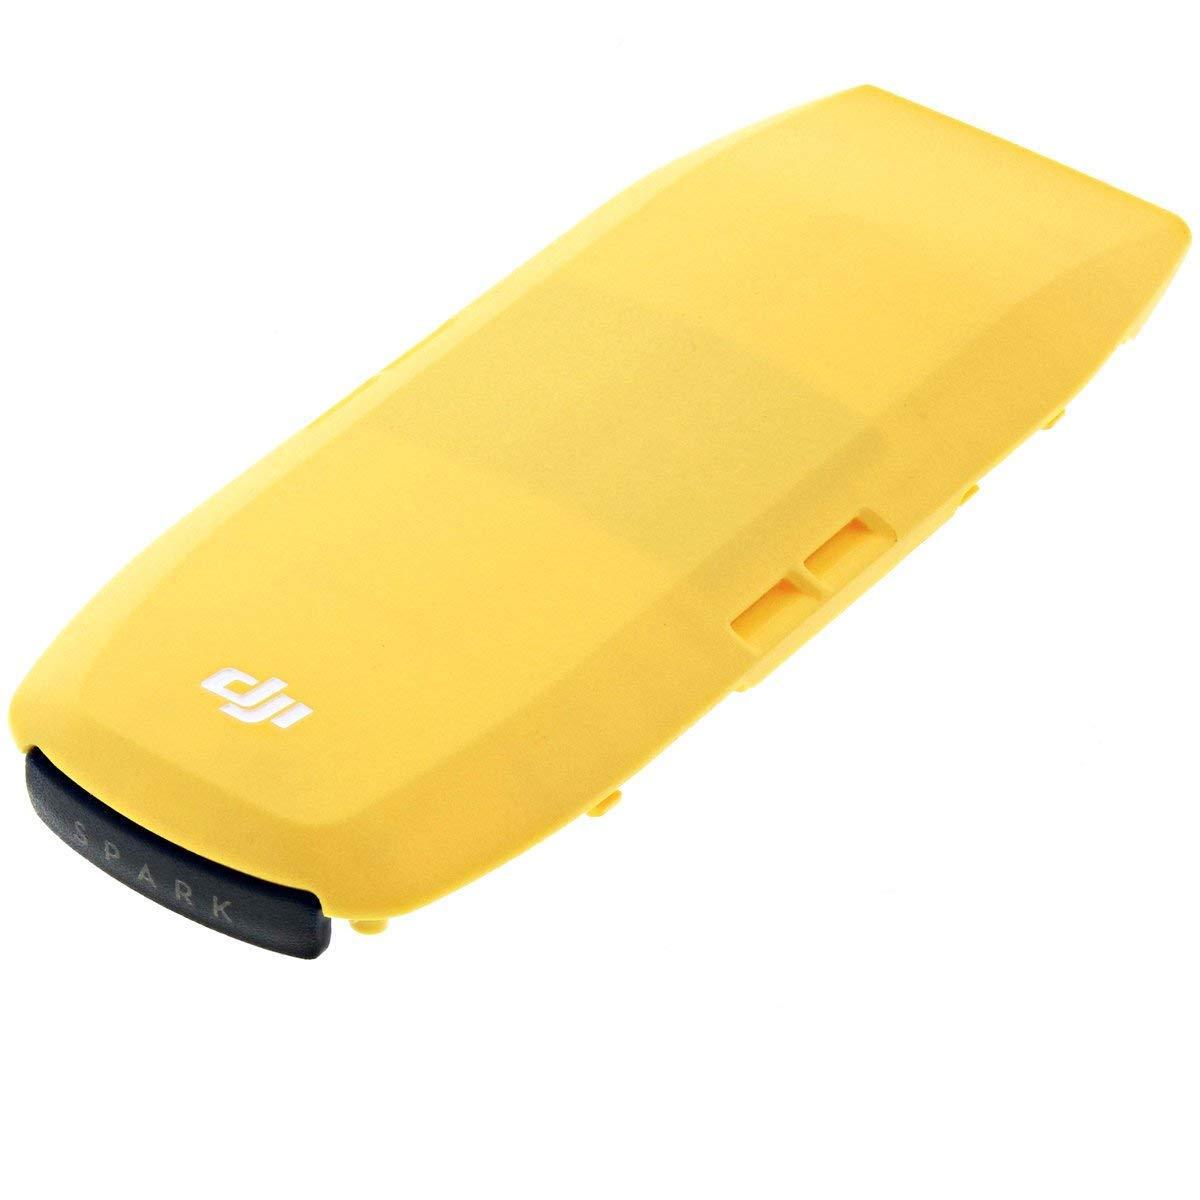 Cover carcasa para drone DJI Spark - amarillo (xsr)